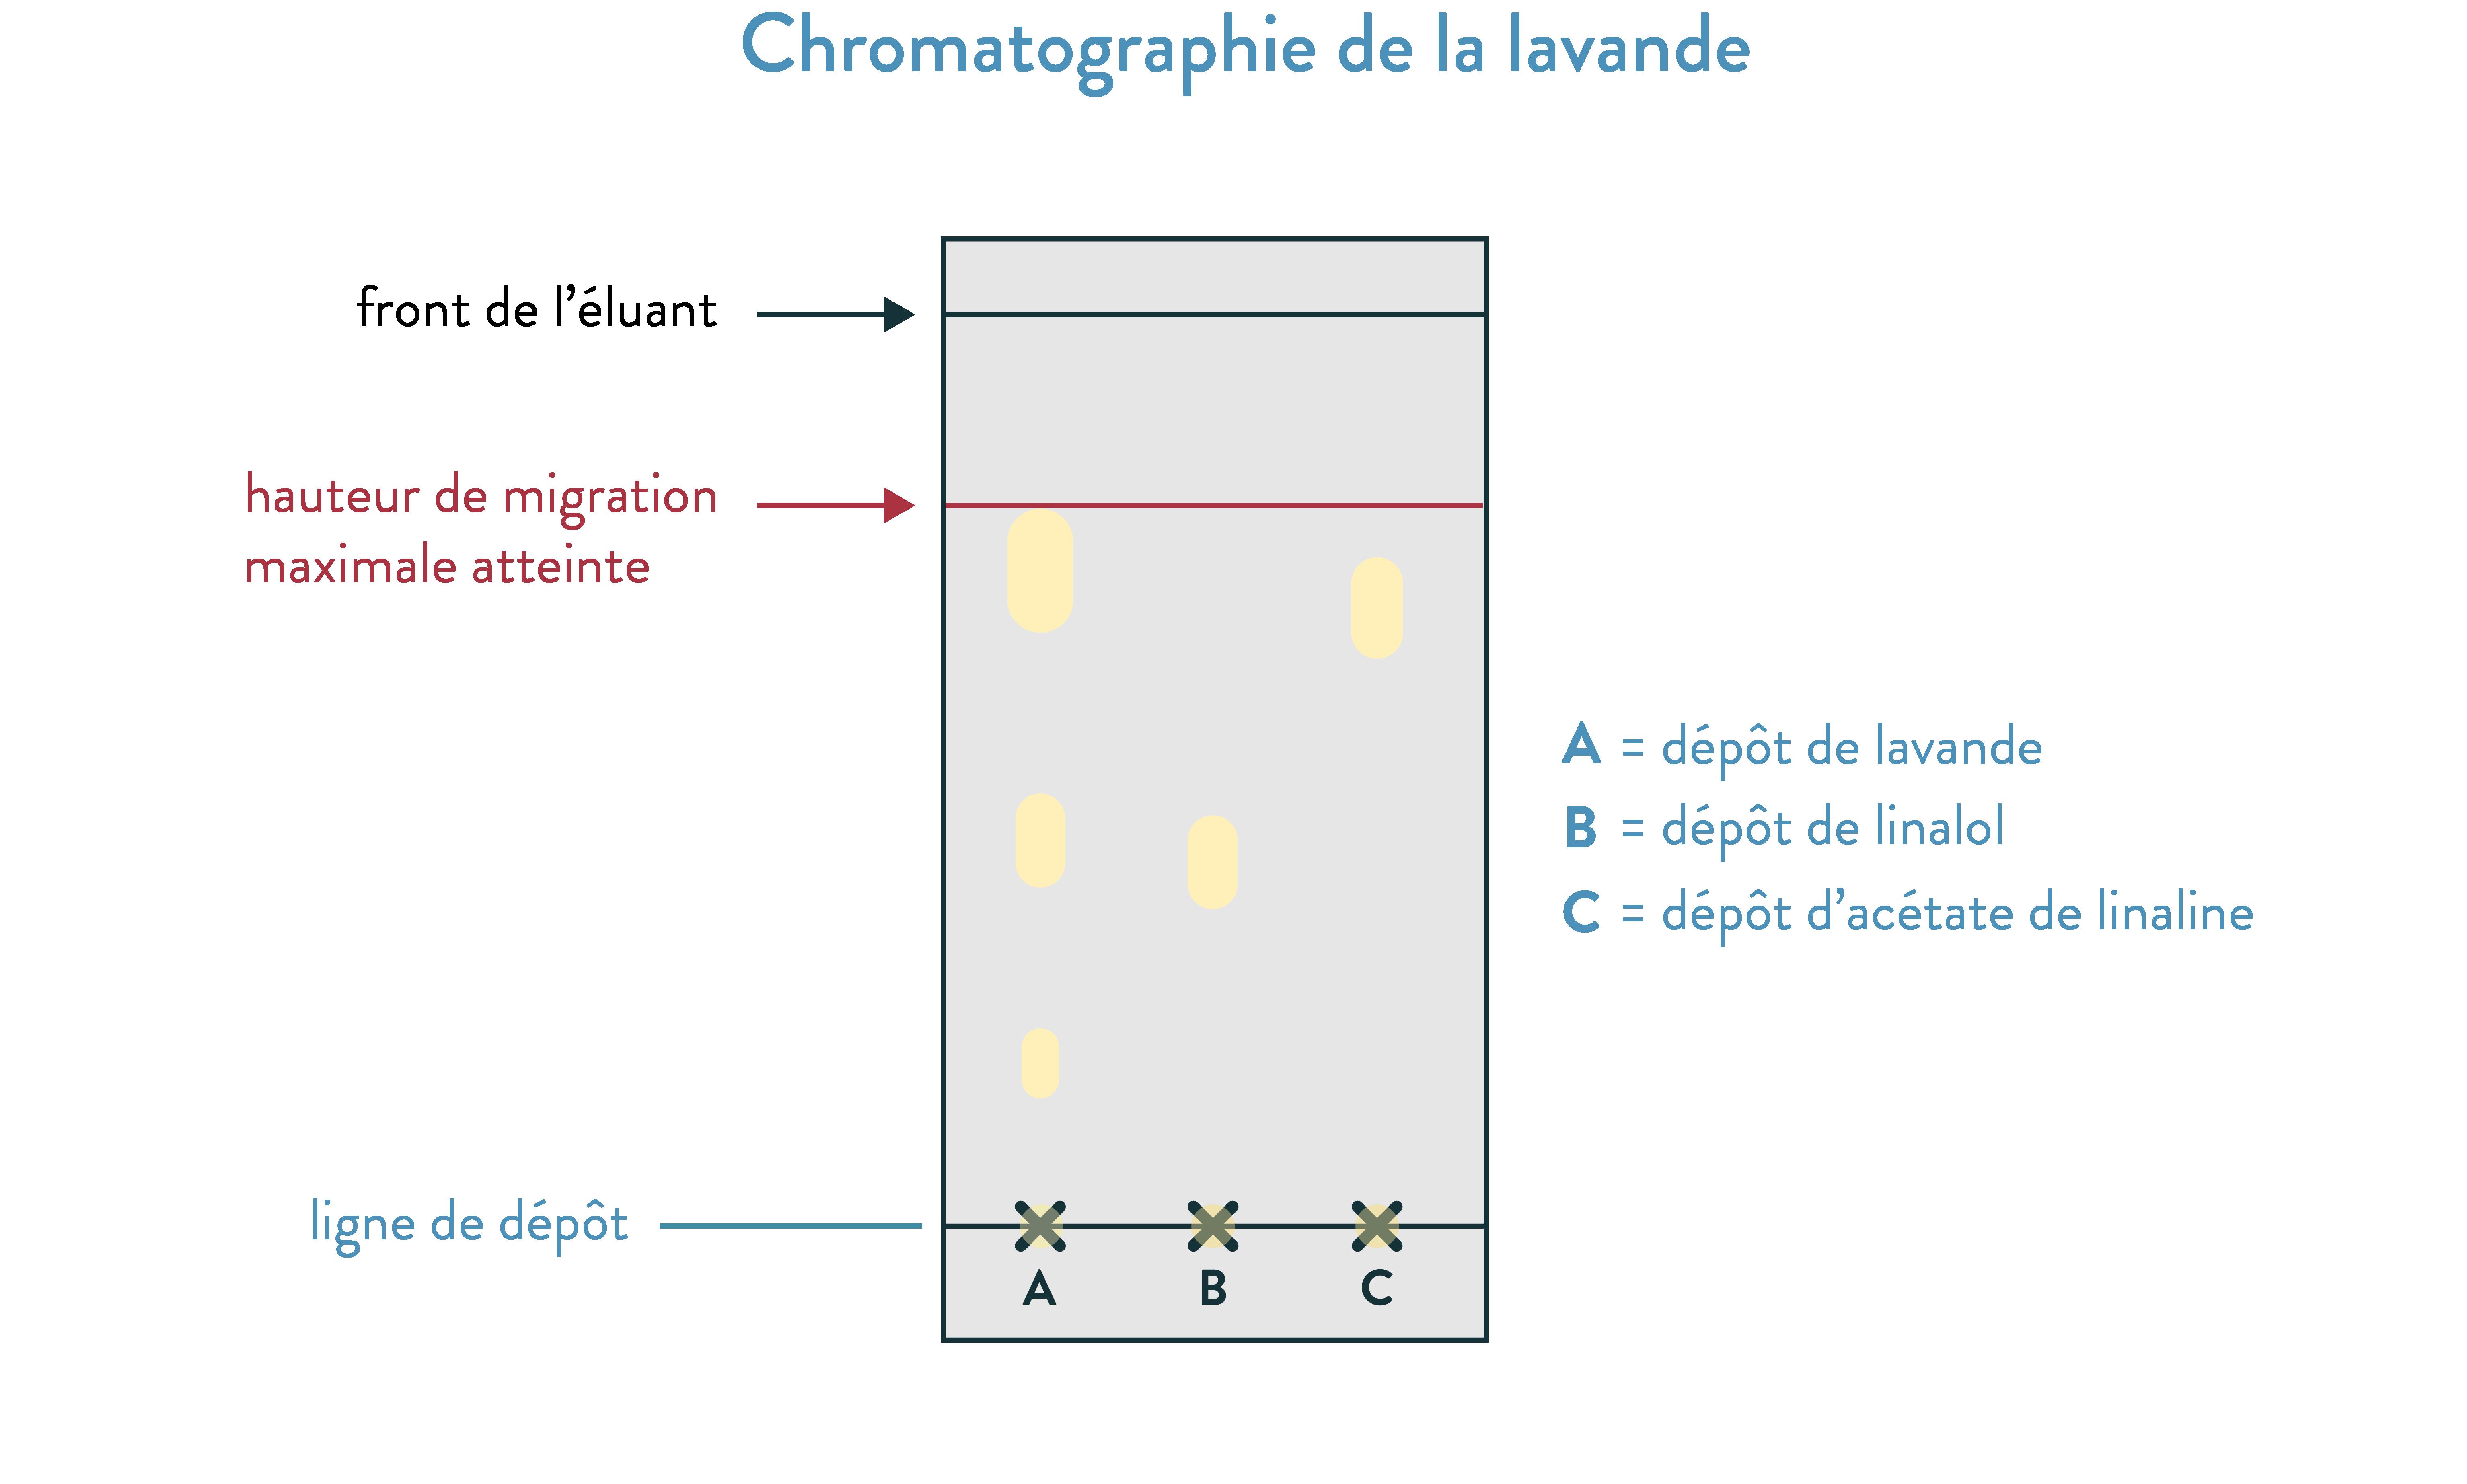 Chromatographie de la lavande 2nde